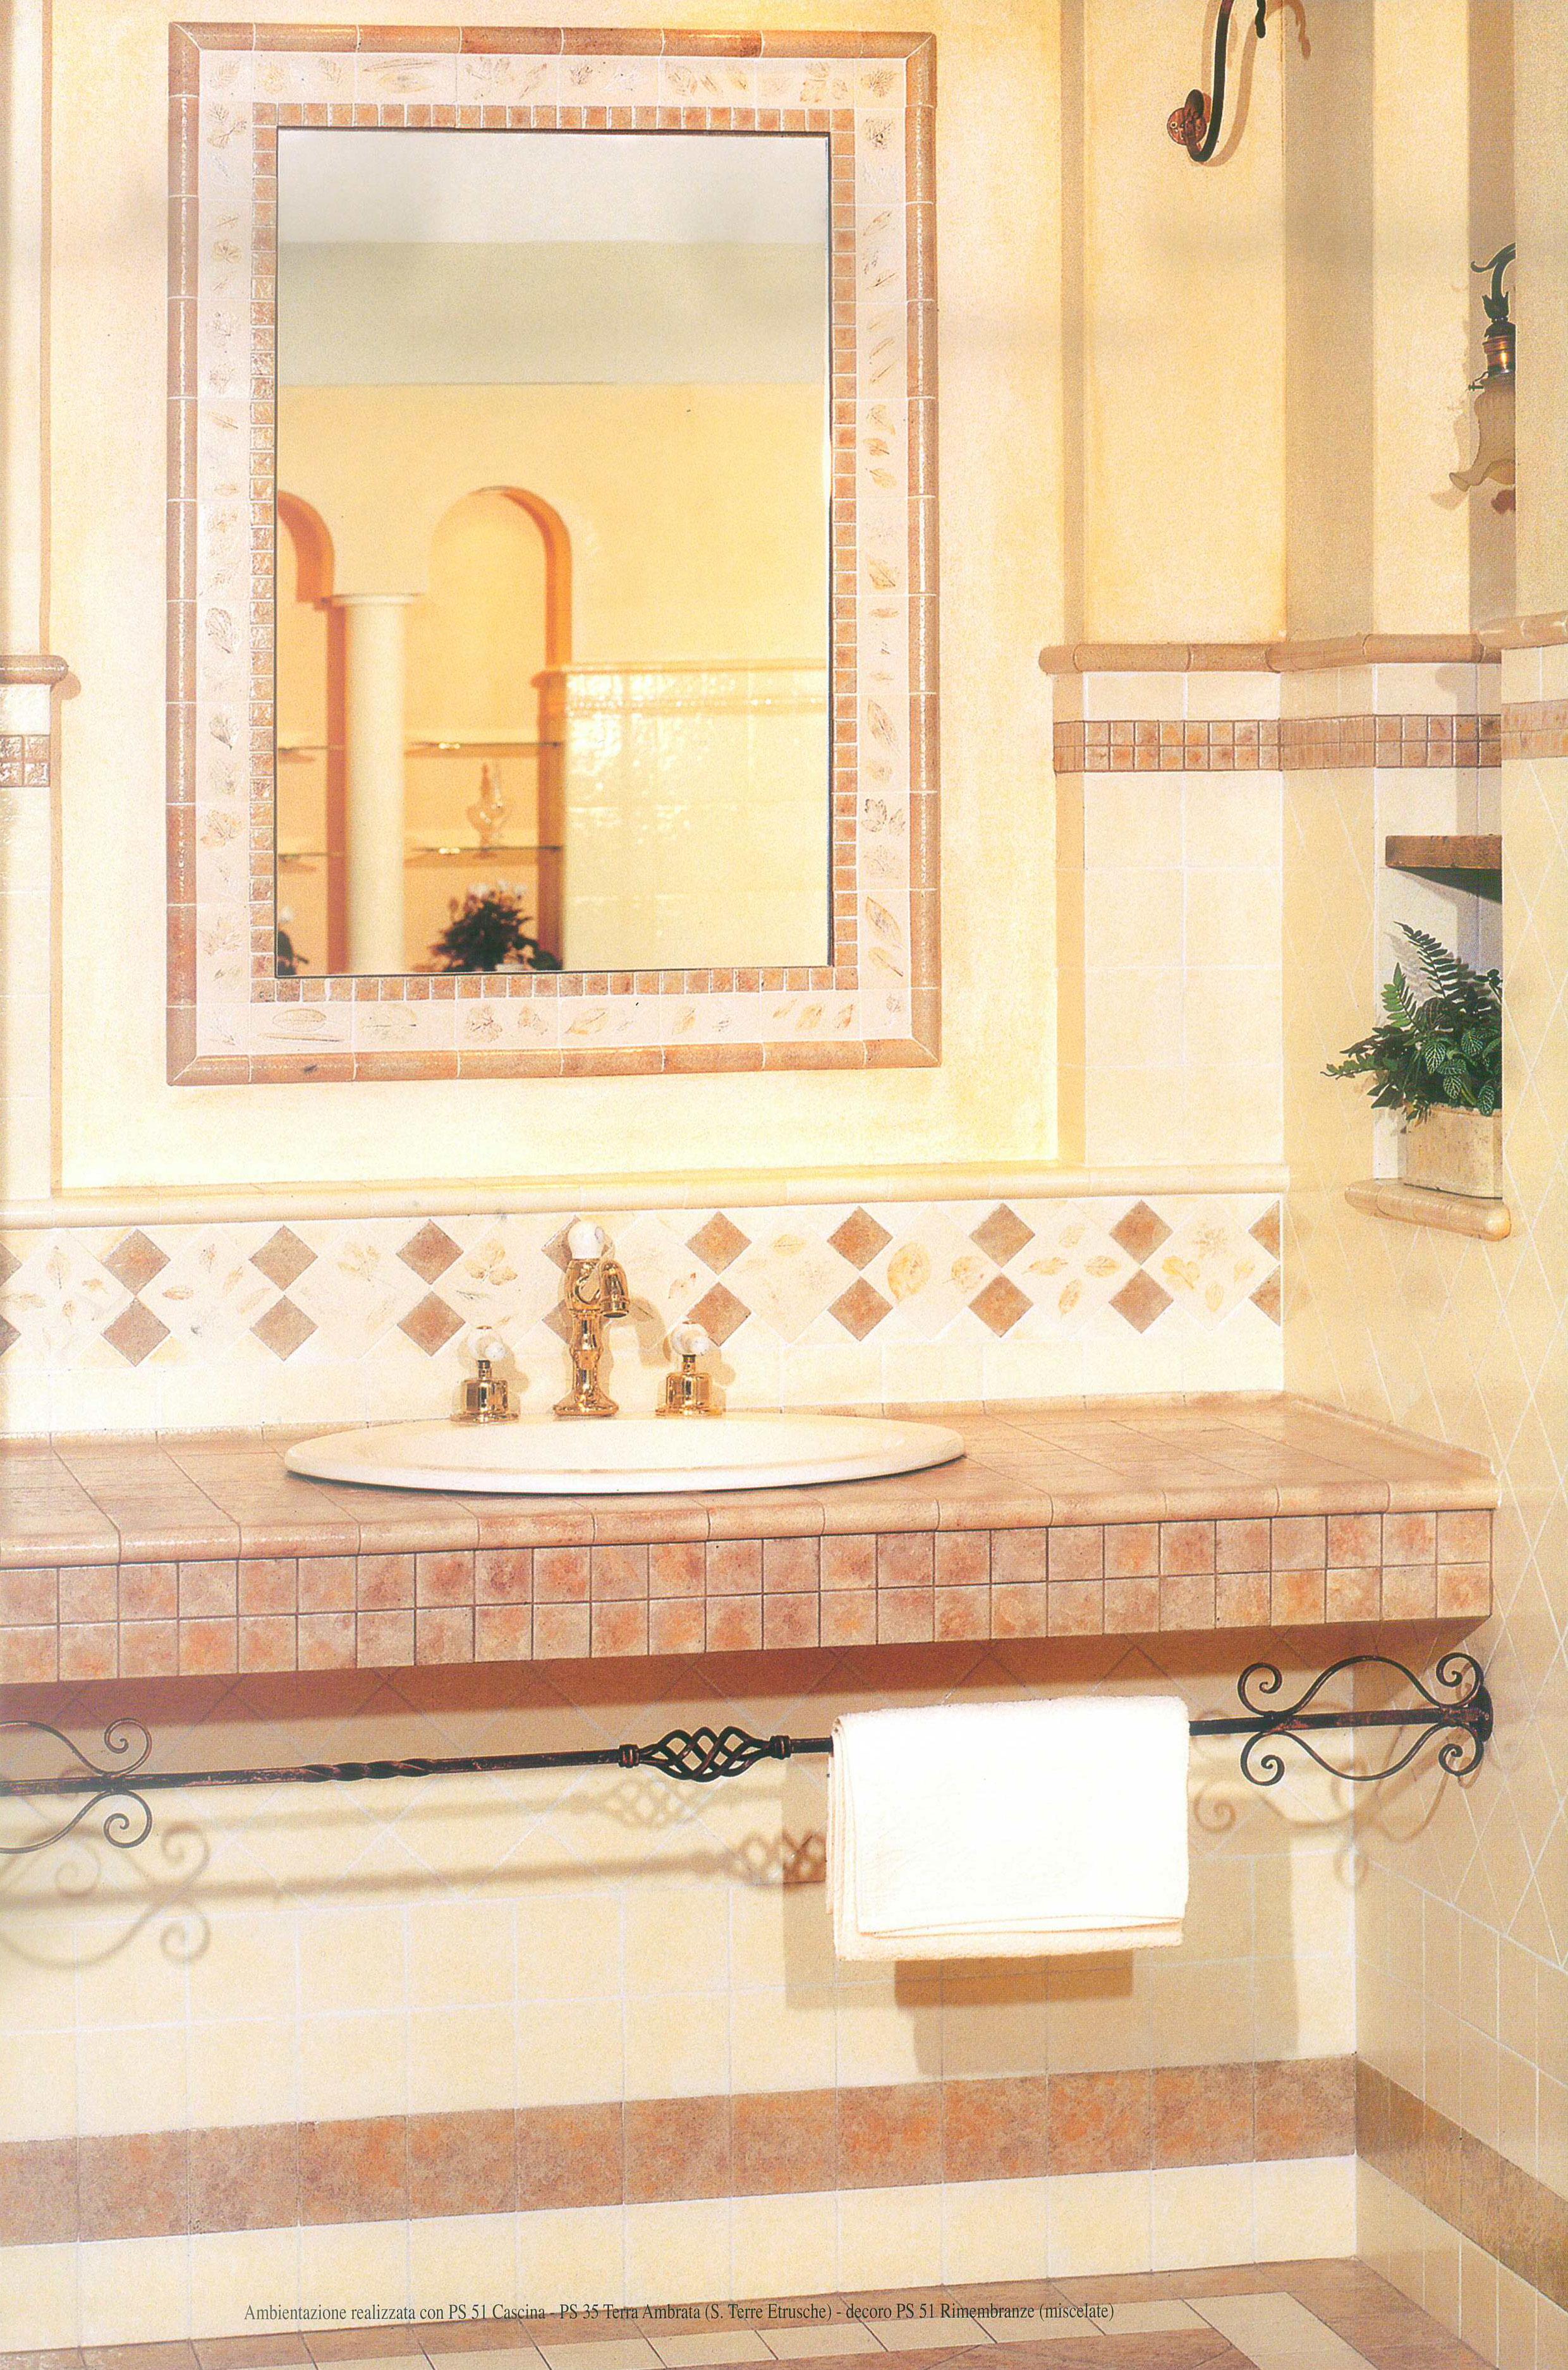 Decoro Piastrelle Bagno.Dettagli Su Piastrelle Pavimento Rivestimento Bagno Cucina Beige Marrone 10x10 20x20